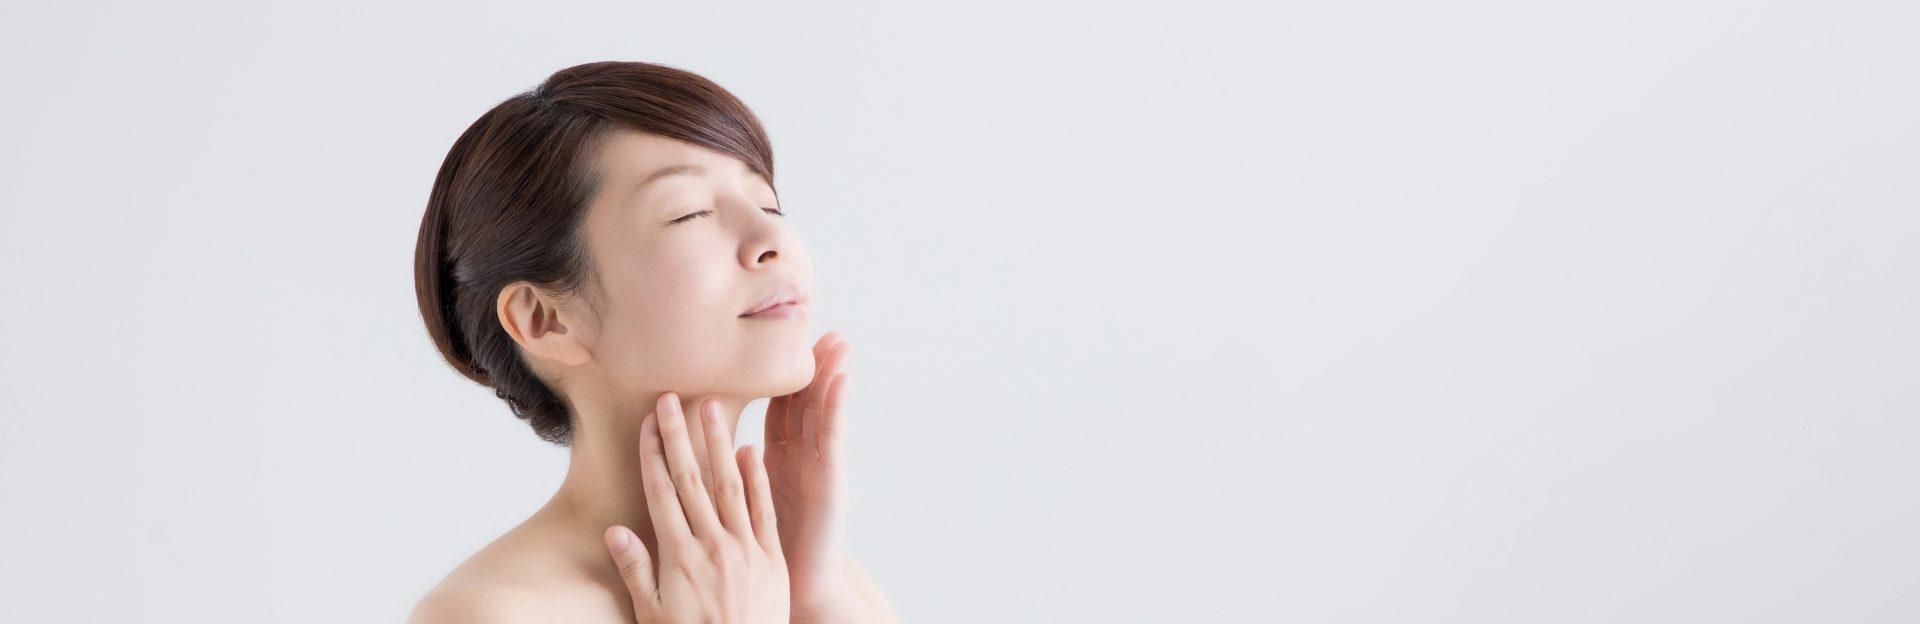 顎関節がポキポキなる人におすすめのセルフケア方法